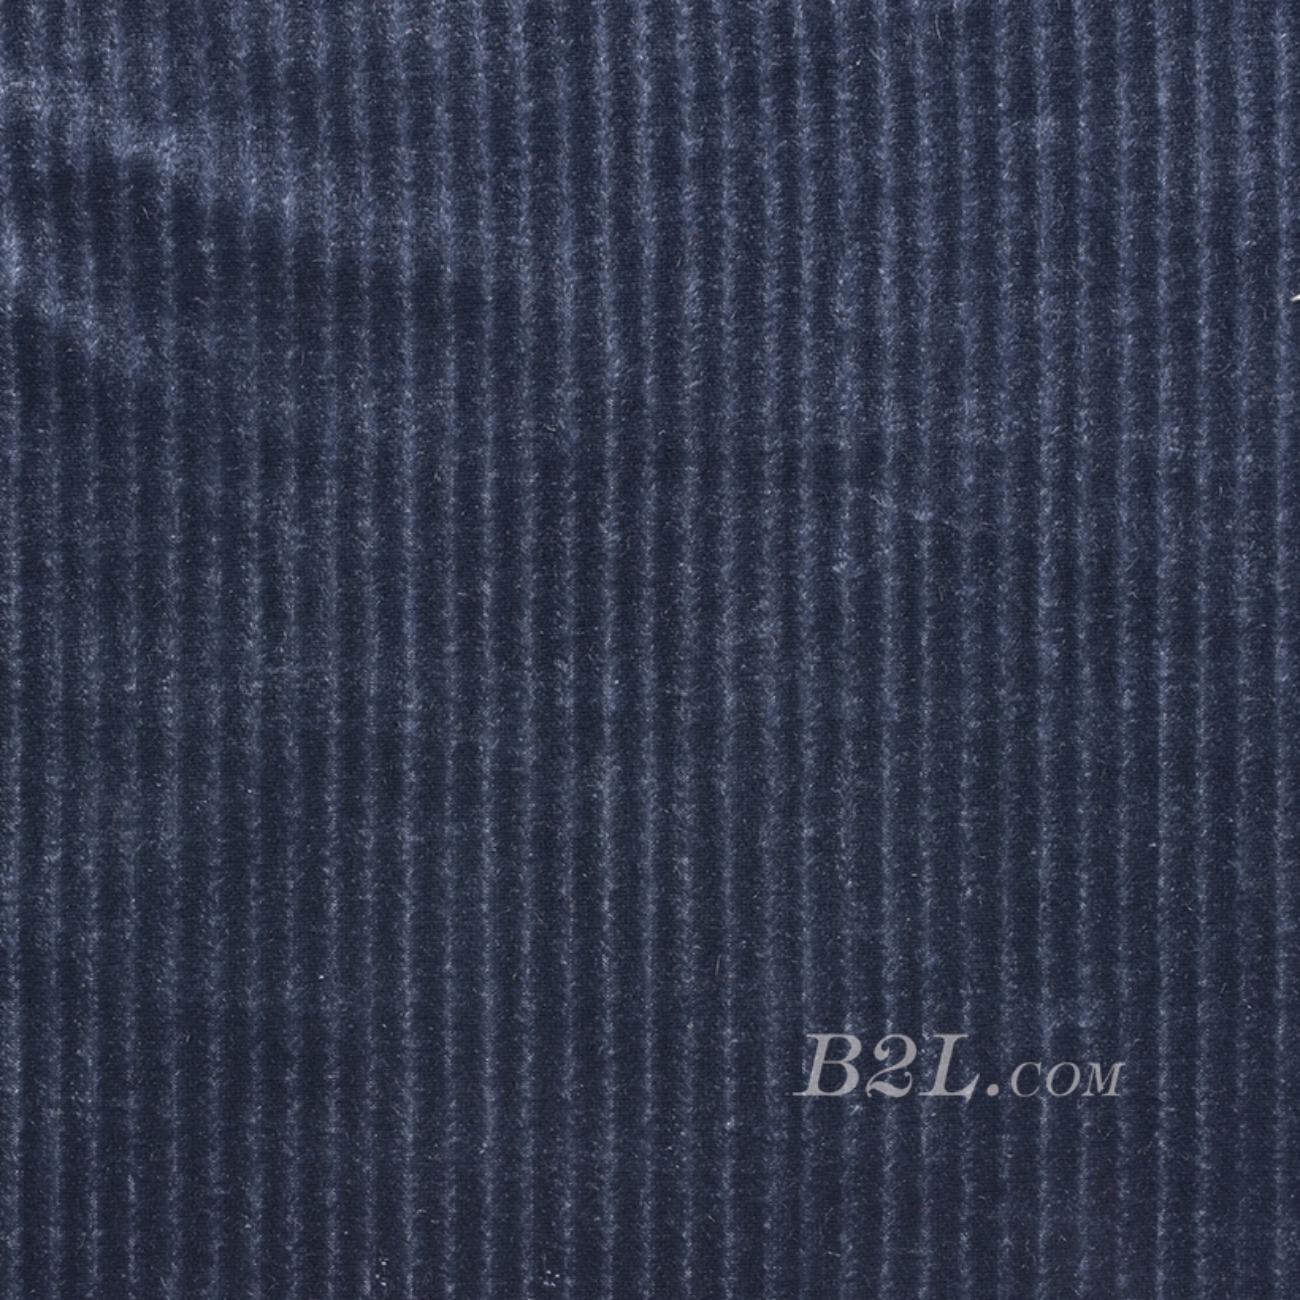 条纹 针织 染色 低弹 绒感 春秋 连衣裙 时装 90306-16